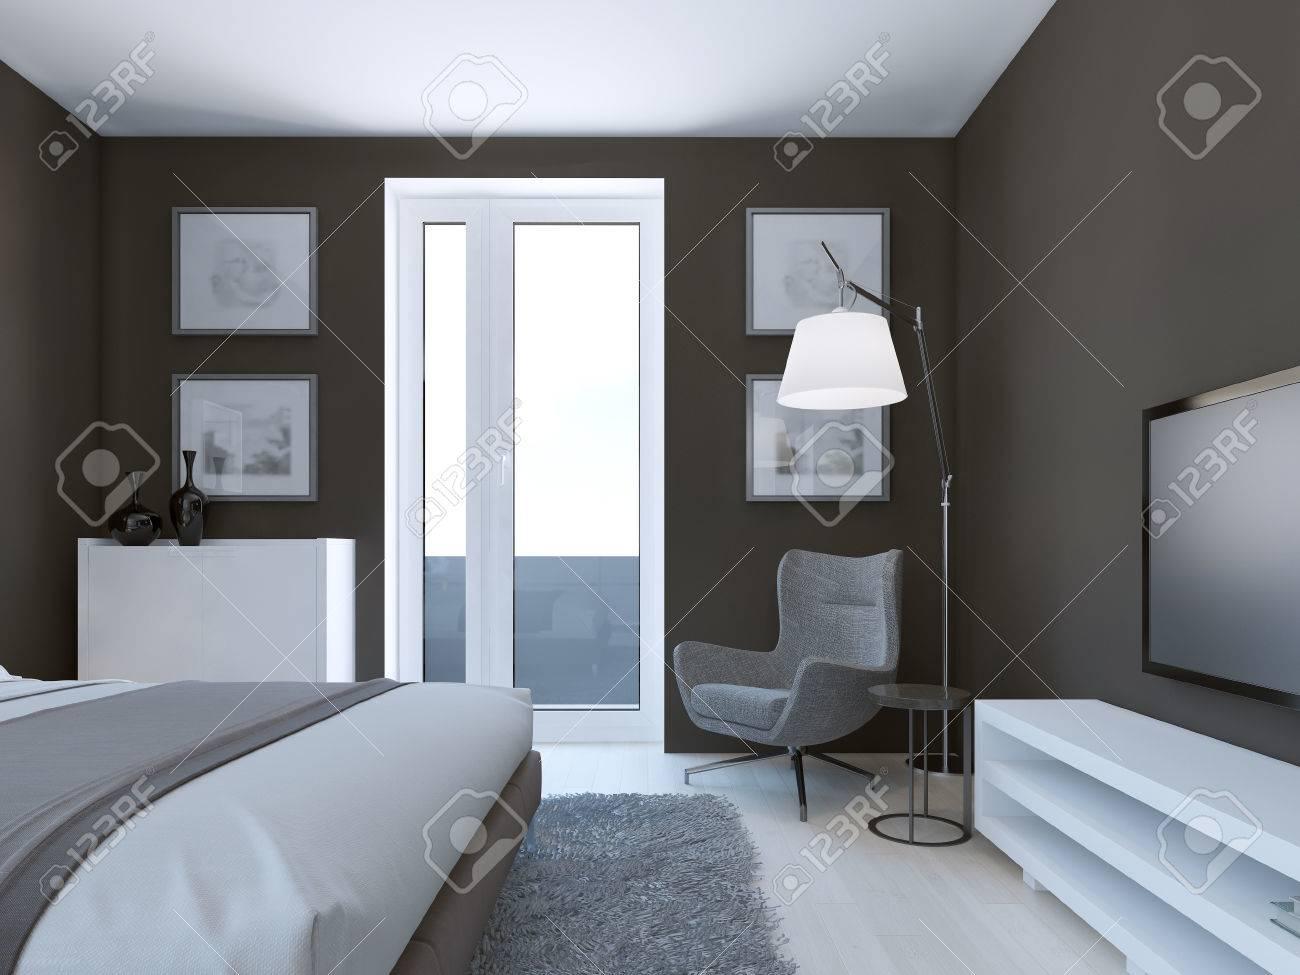 Diseño Acogedor Dormitorio Marrón Con Muebles De Color Blanco Y Gris ...